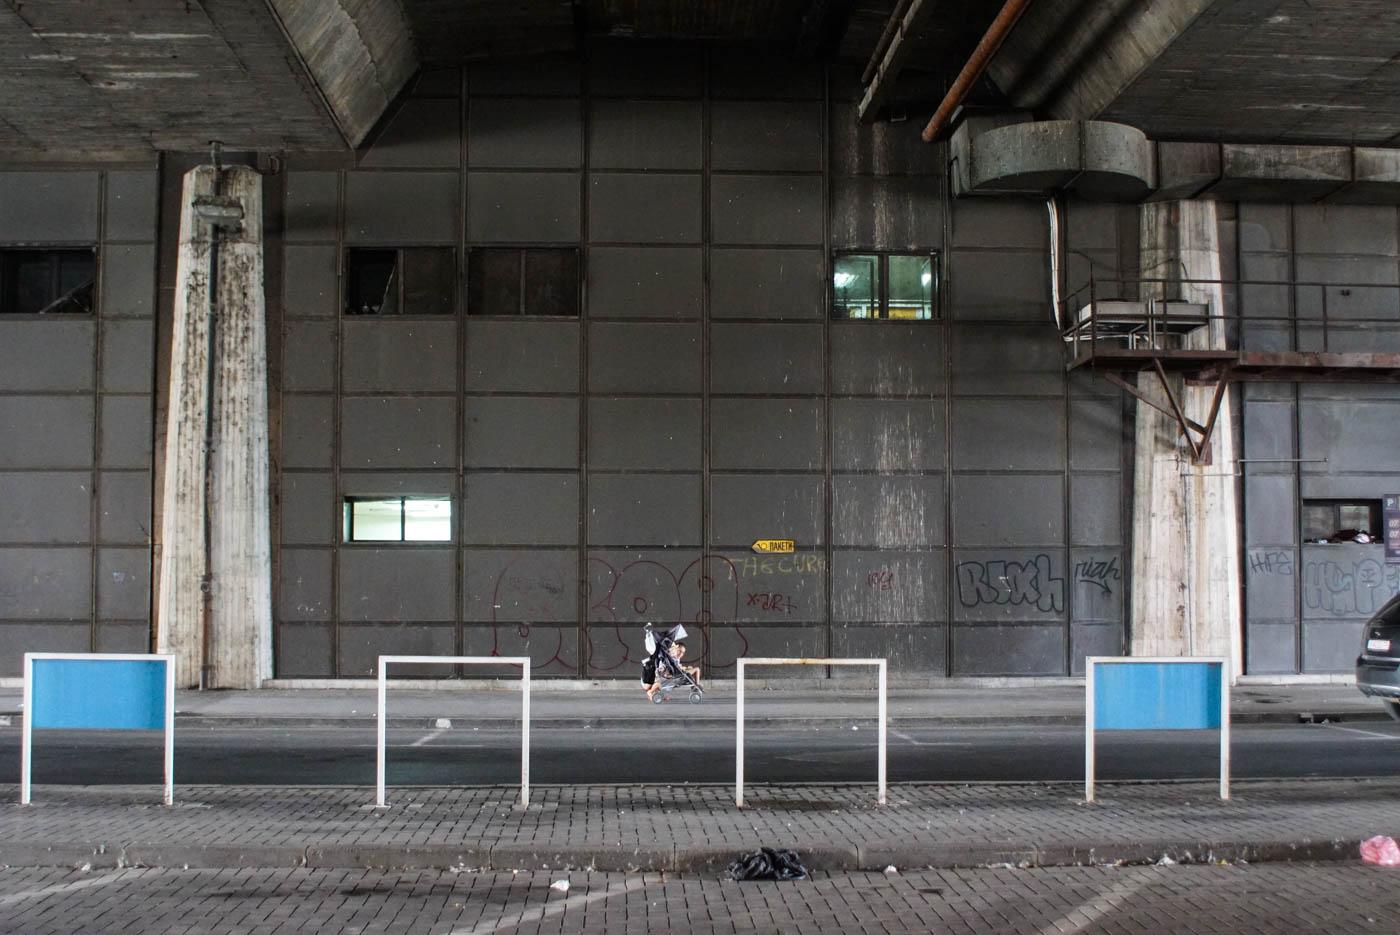 Eine große graue Unterführung ist zu sehen in der Mitte weit entfernt sitzt Luk und Blick zur Kamera